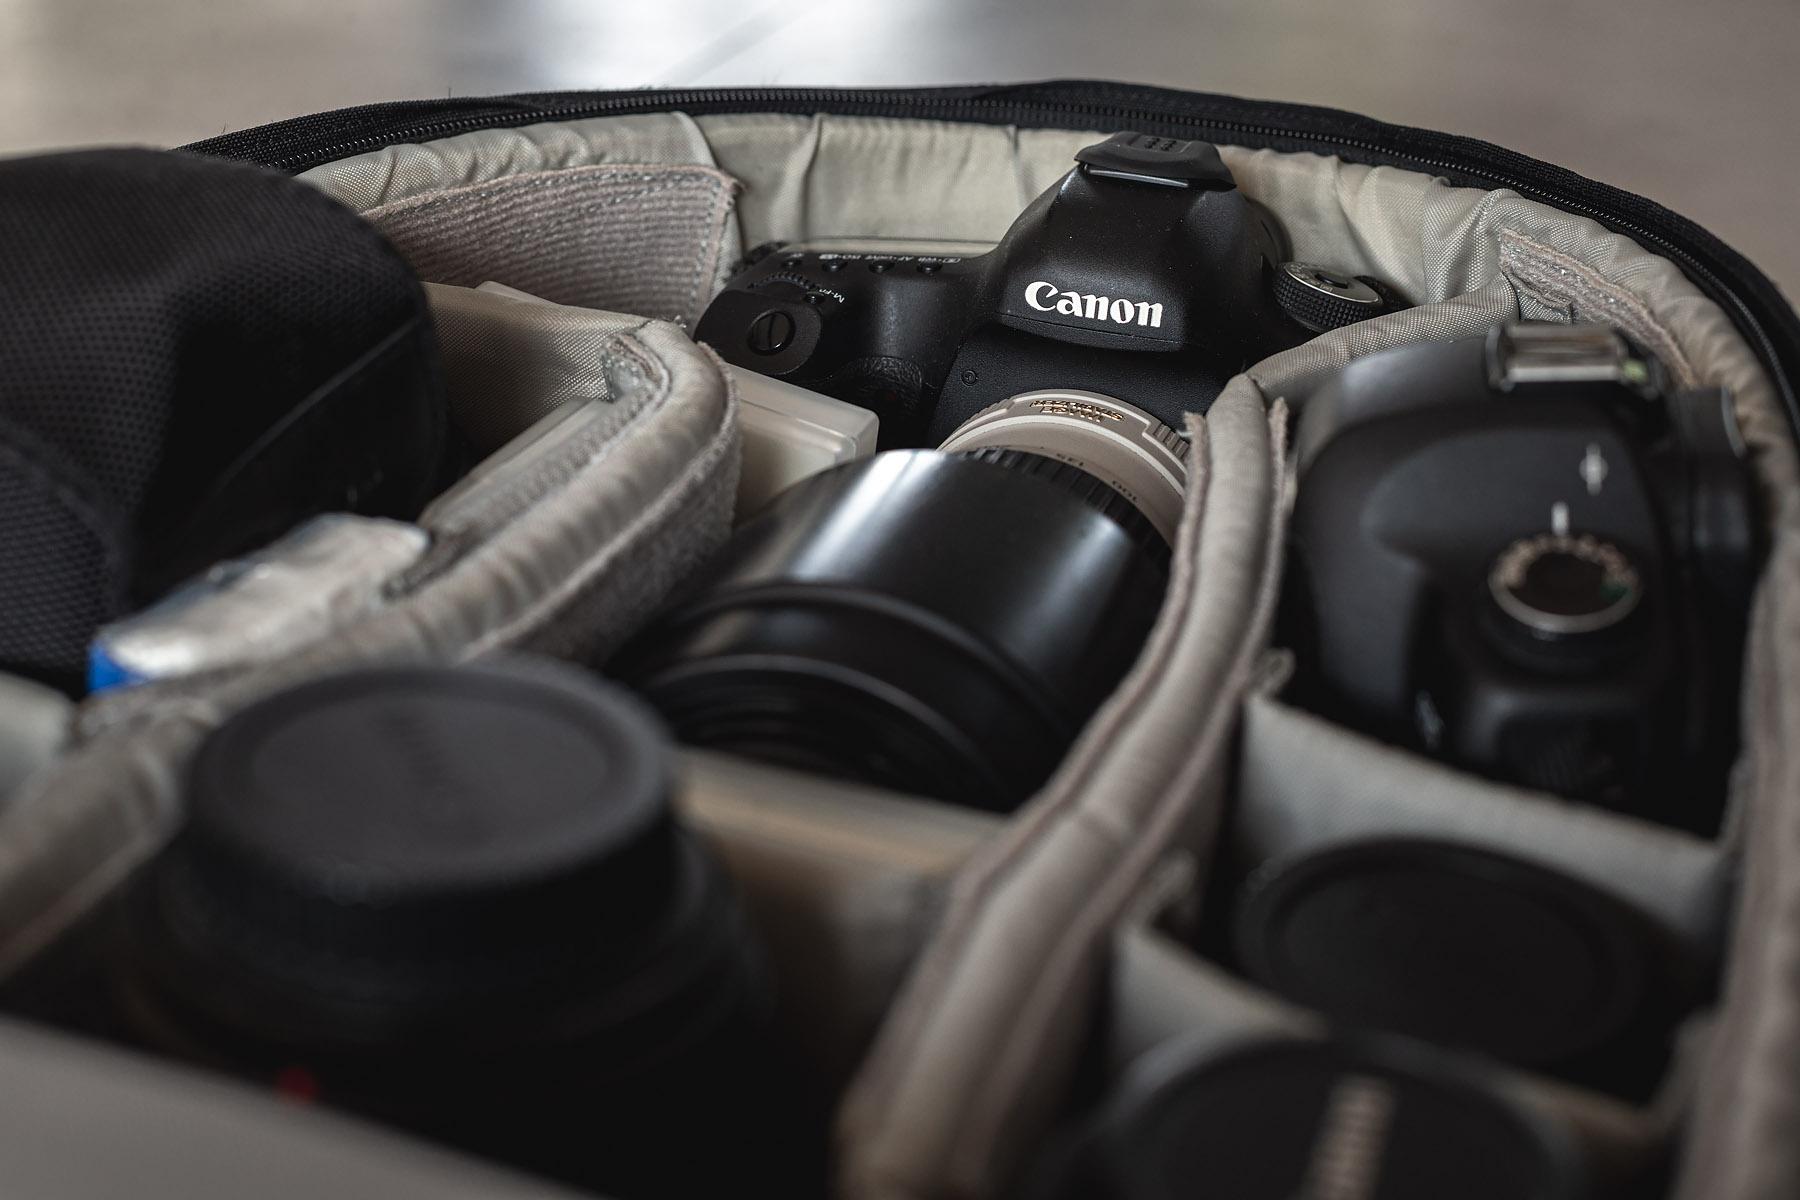 What's in my bag, What's in my photography bag, fotomateriaal tweedehands of nieuw, tweedehands of nieuw, tips & tricks, fotografie tips & tricks